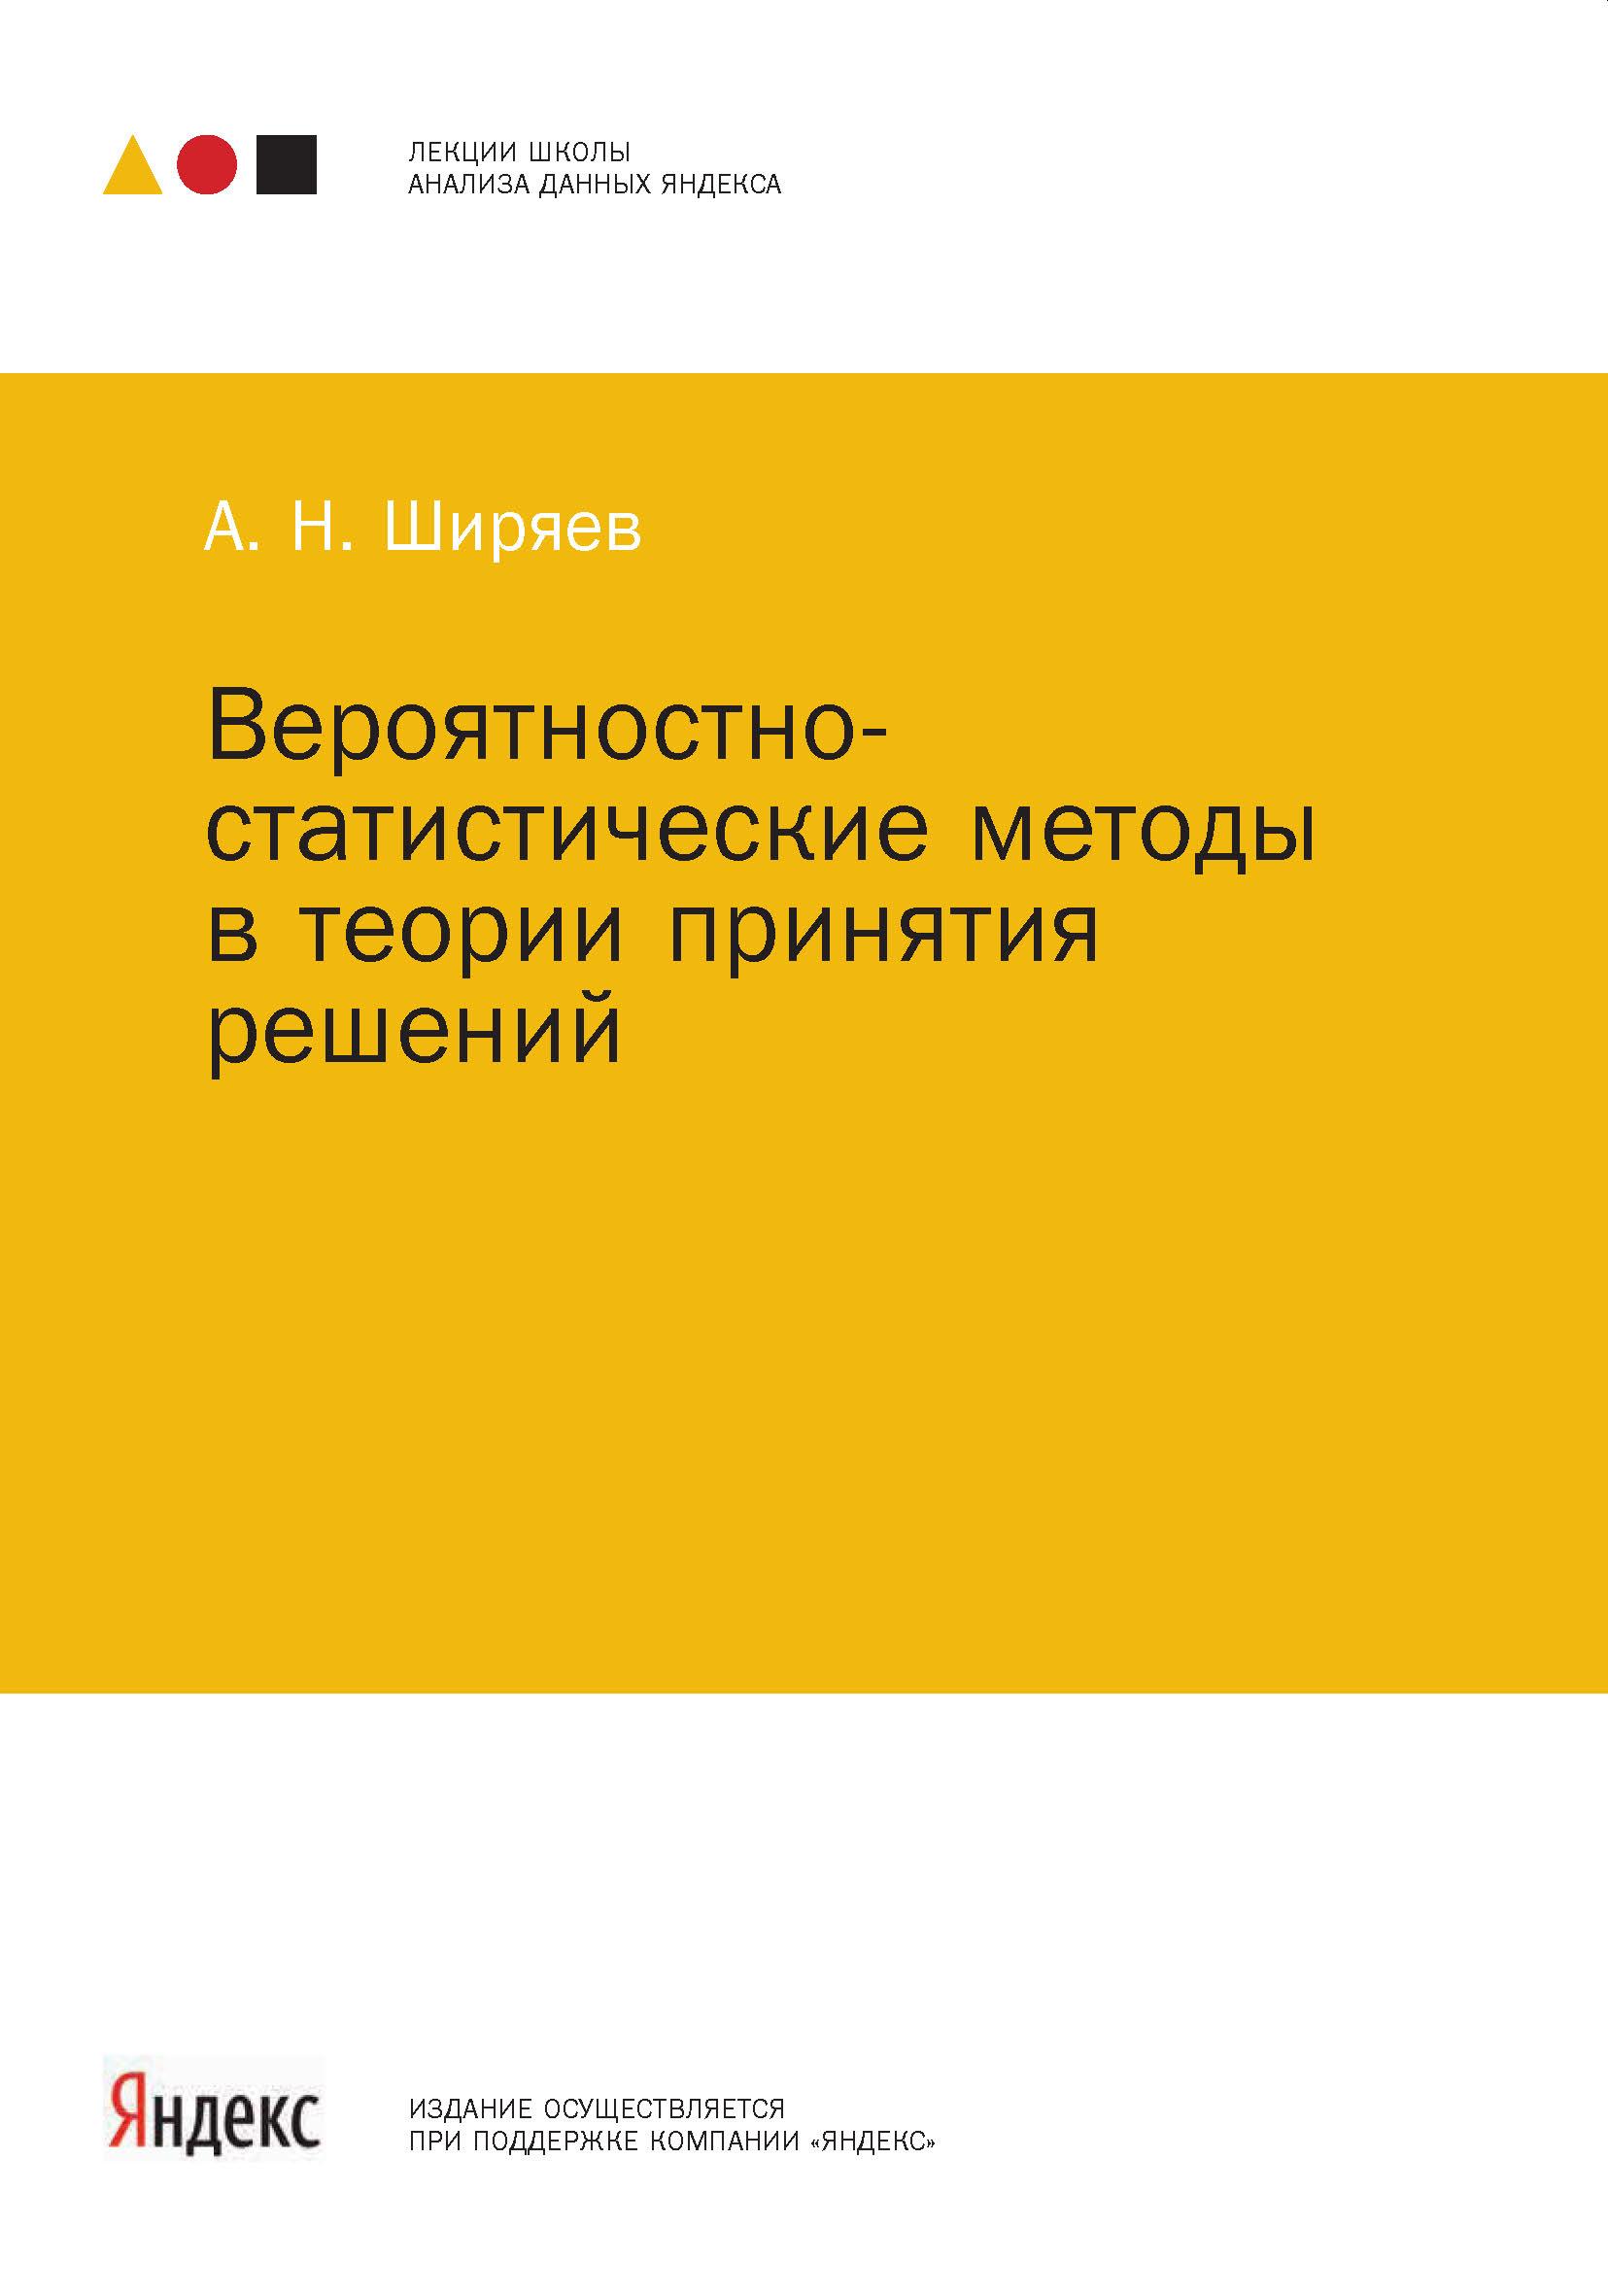 А. Н. Ширяев Вероятностно-статистические методы в теории принятия решений тихомирова елена михайловна всероссийская проверочная работа 3 класс окружающий мир фгос